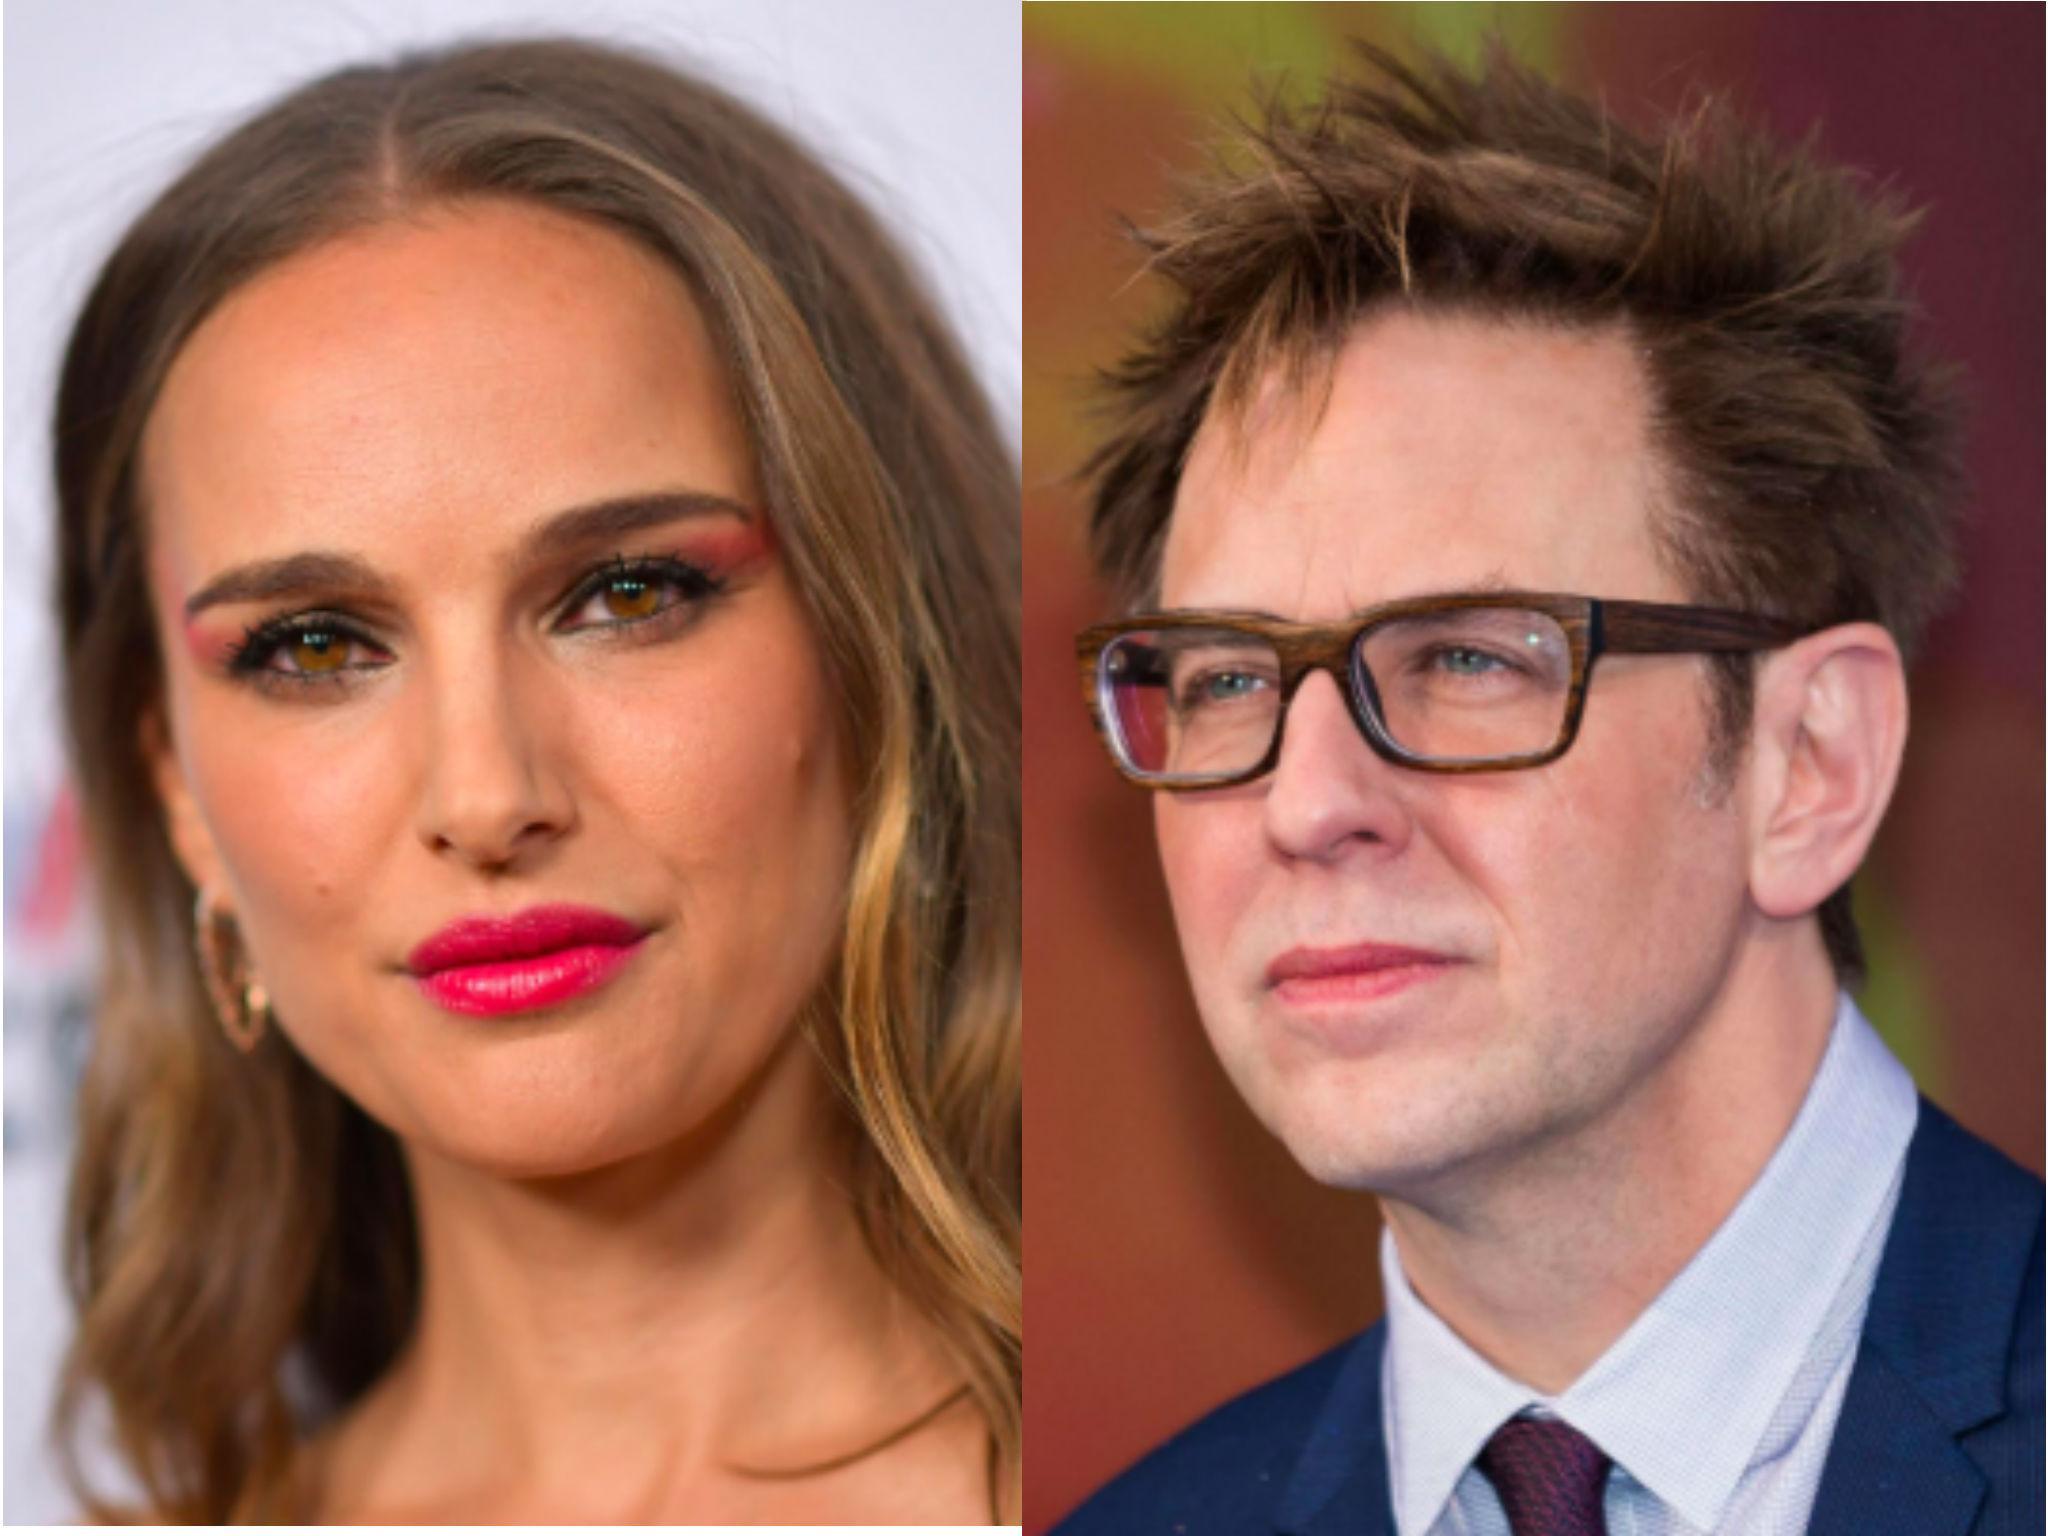 James Gunn and Natalie Portman defend Marvel films after Francis For…